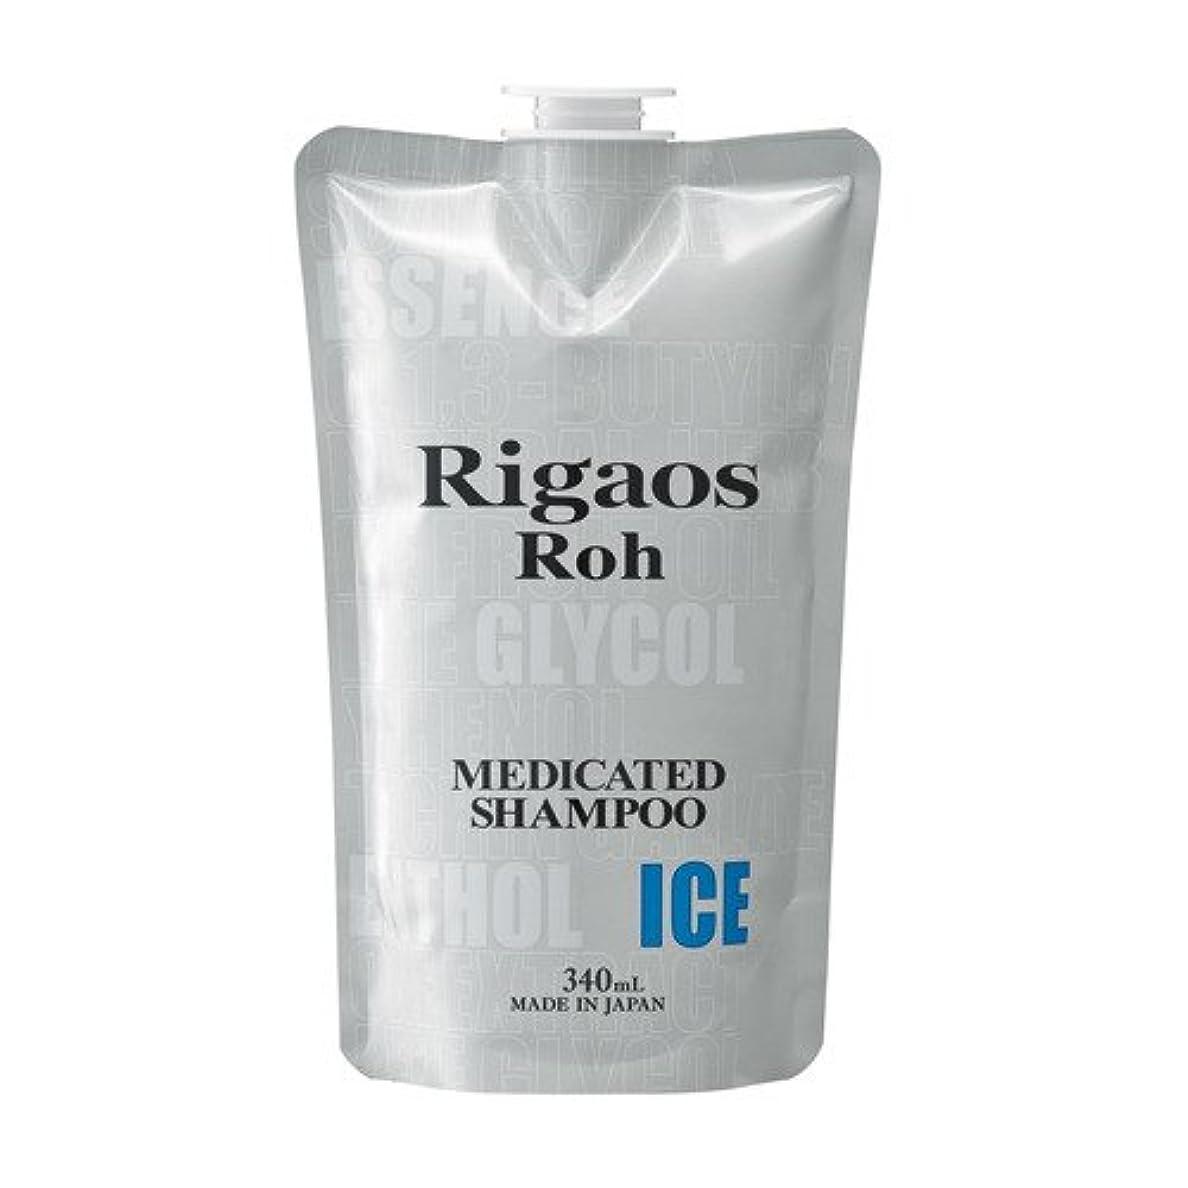 怠惰わかりやすいリーンリガオス ロー 薬用スカルプケア シャンプー ICE レフィル (340mL) [医薬部外品]